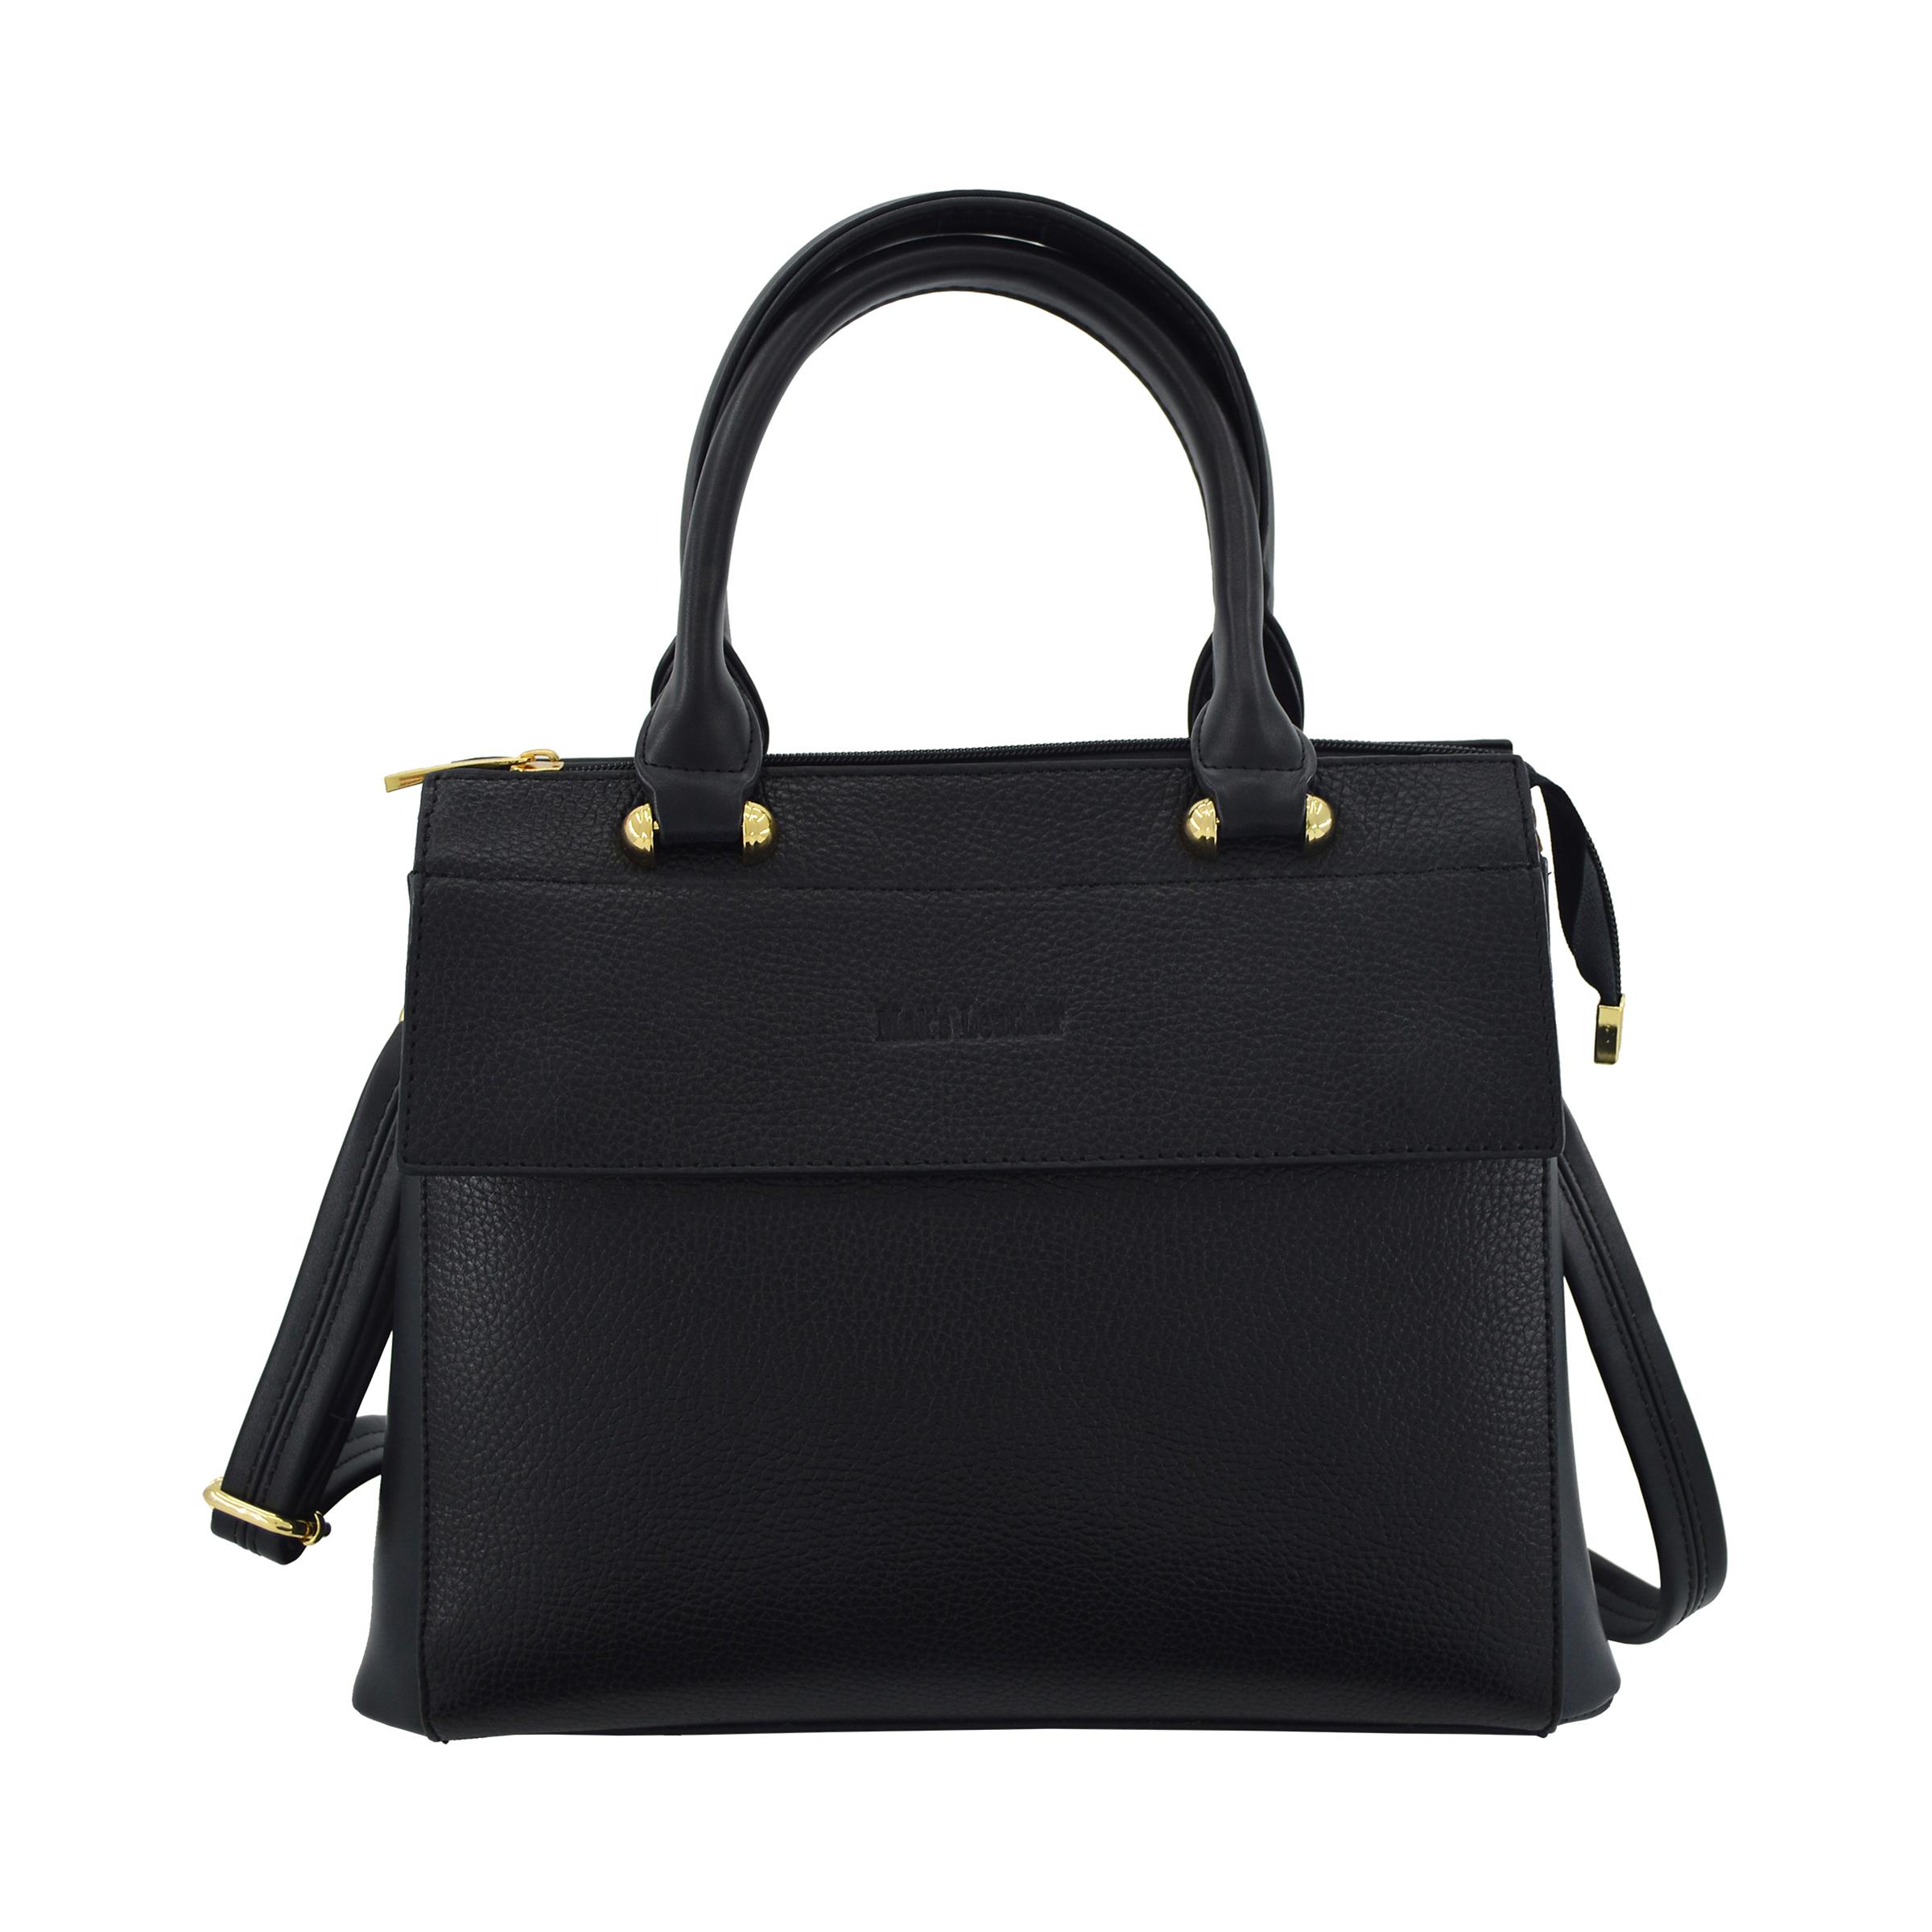 کیف دستی زنانه چرم مکس مدل آلدورا 12301